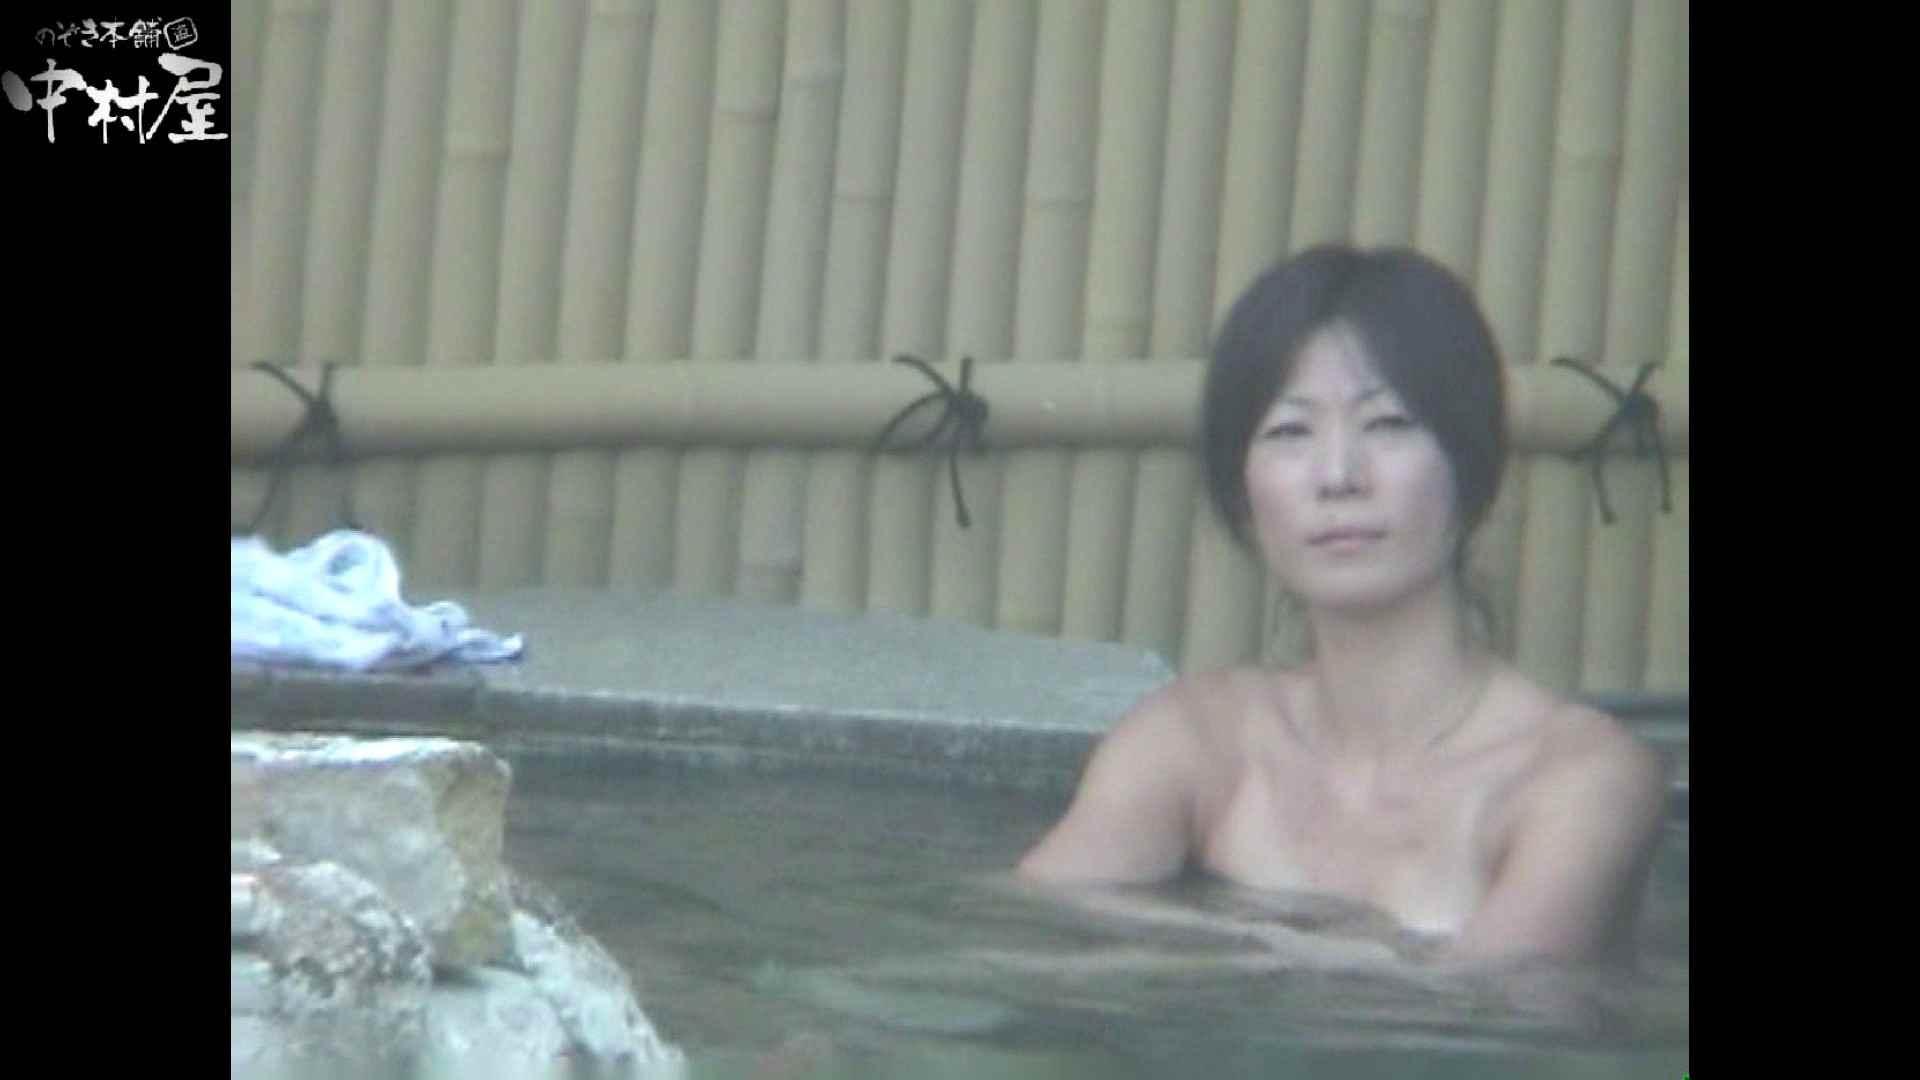 Aquaな露天風呂Vol.972 OLのエロ生活  105連発 24